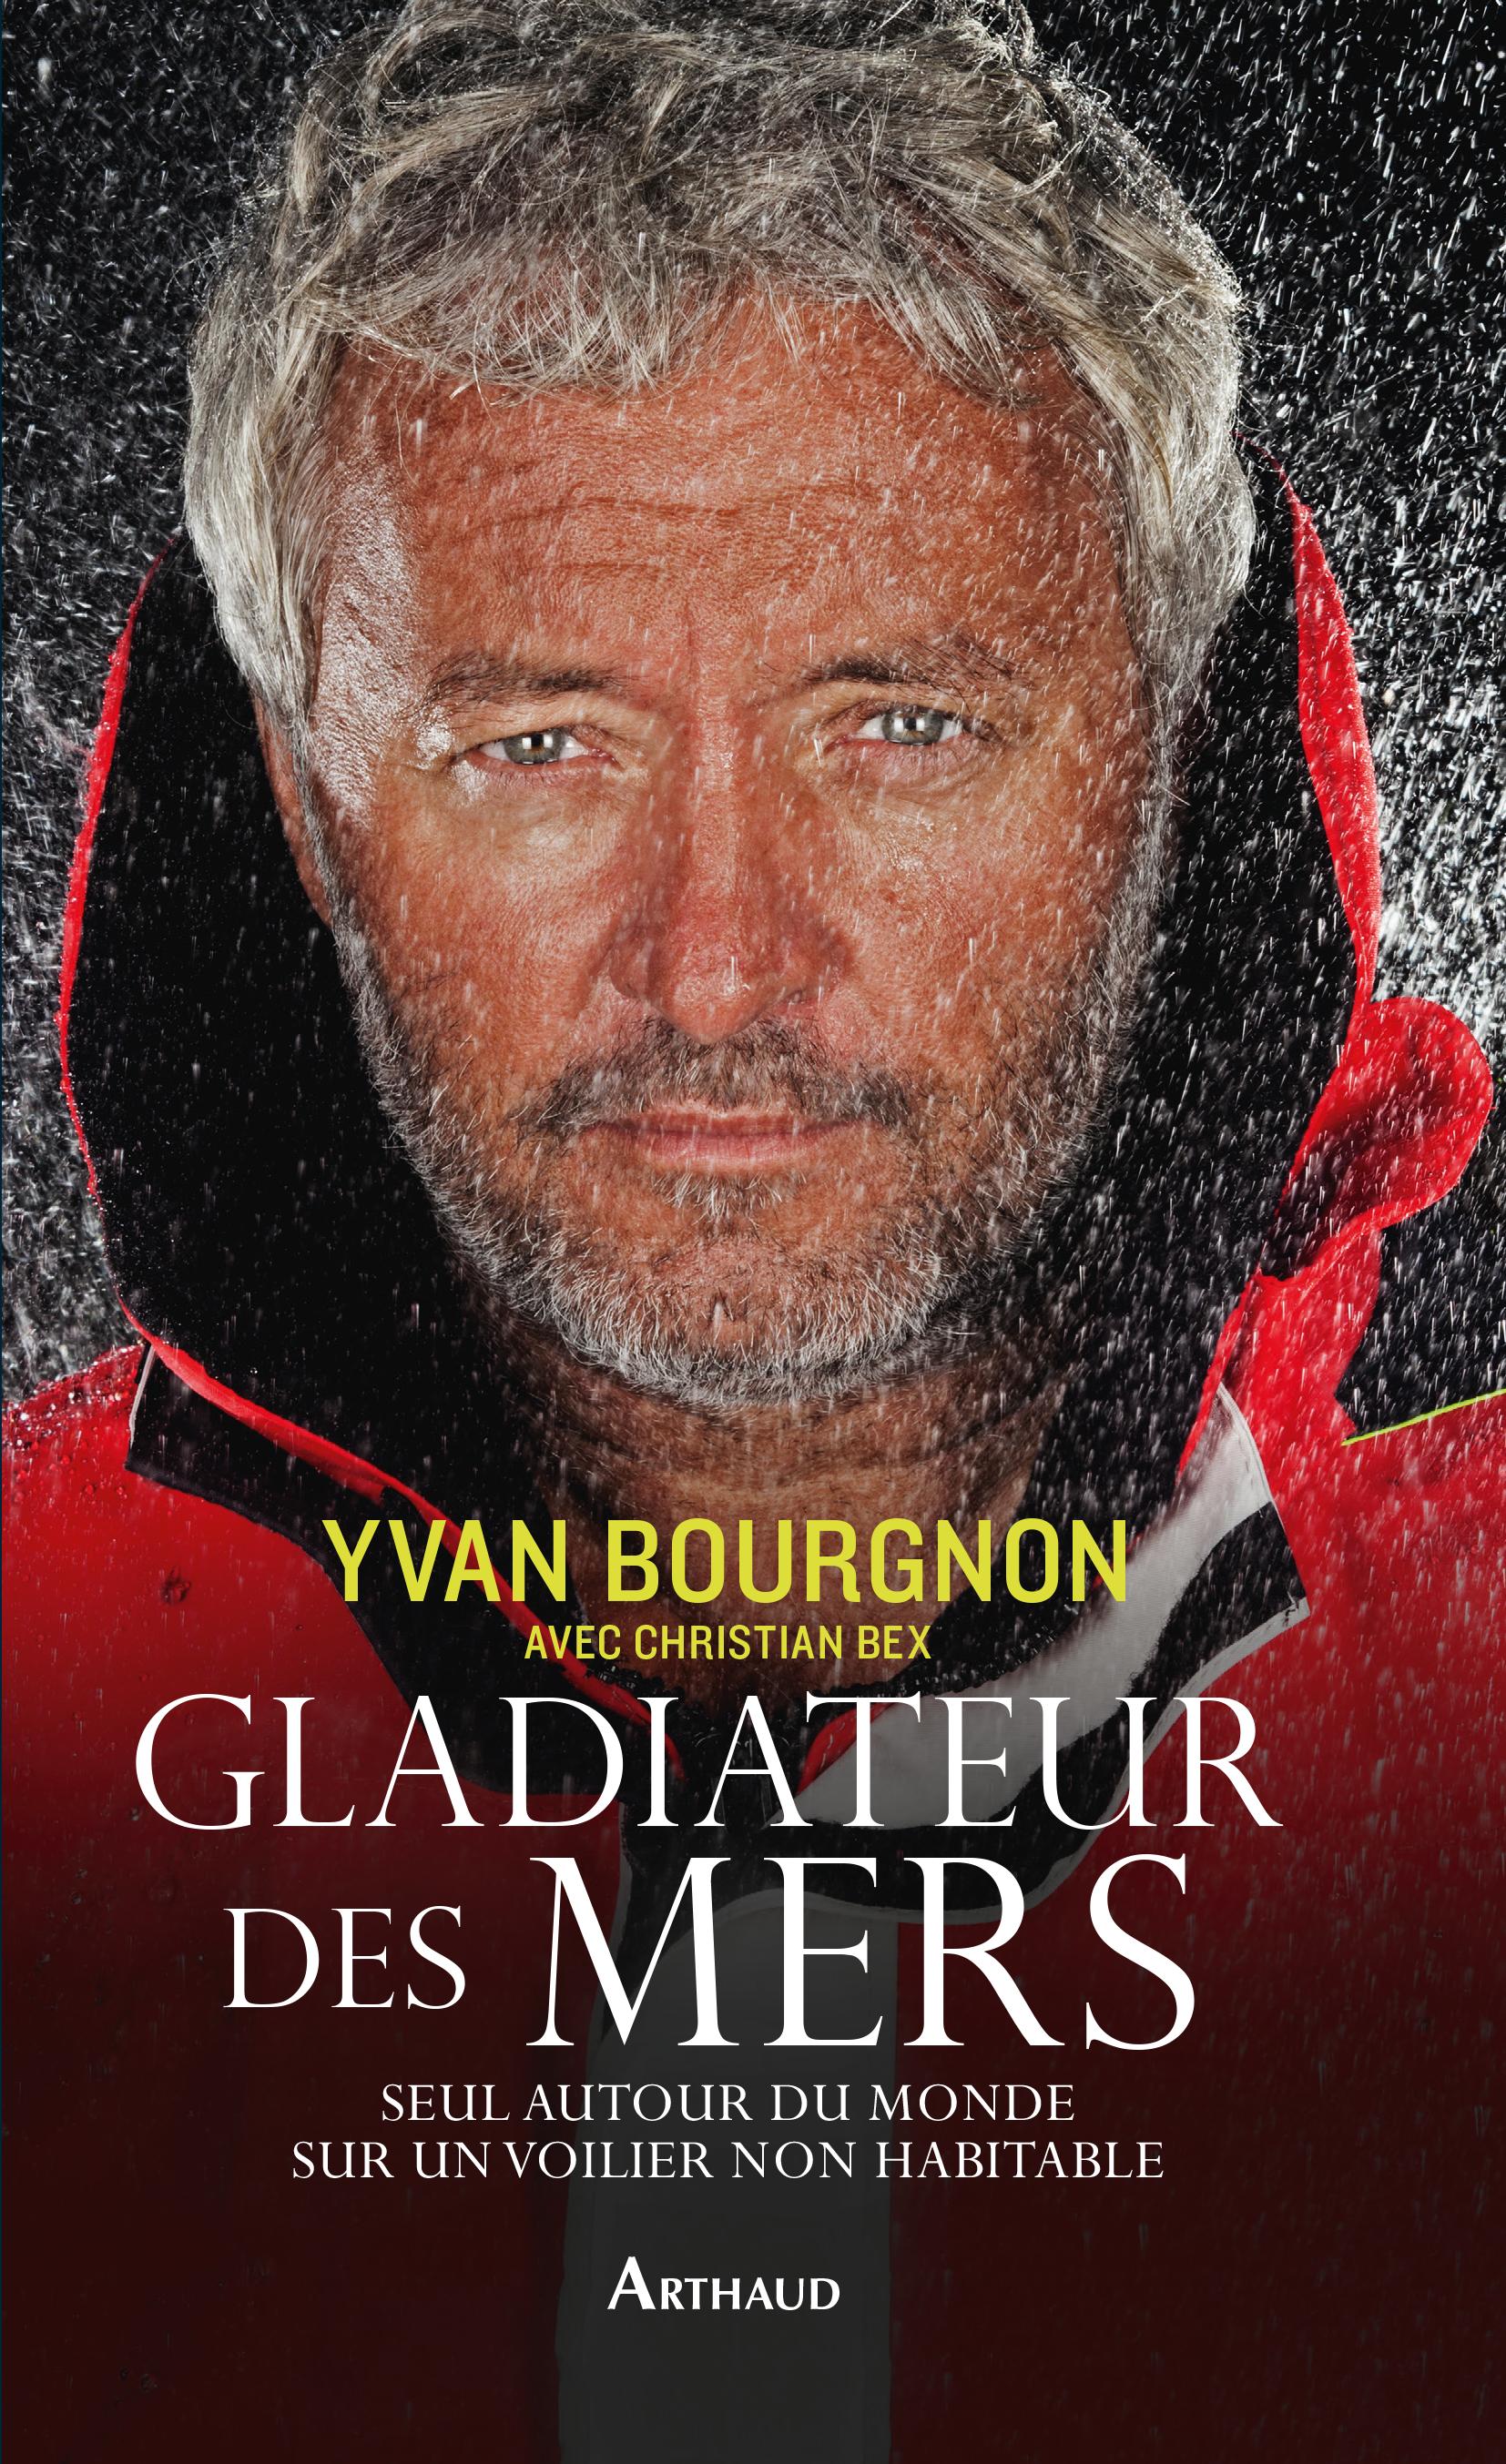 yvan bourgnon,tour du monde,catamaran,gladiateur des mers,défi,christian bex,océans,mer